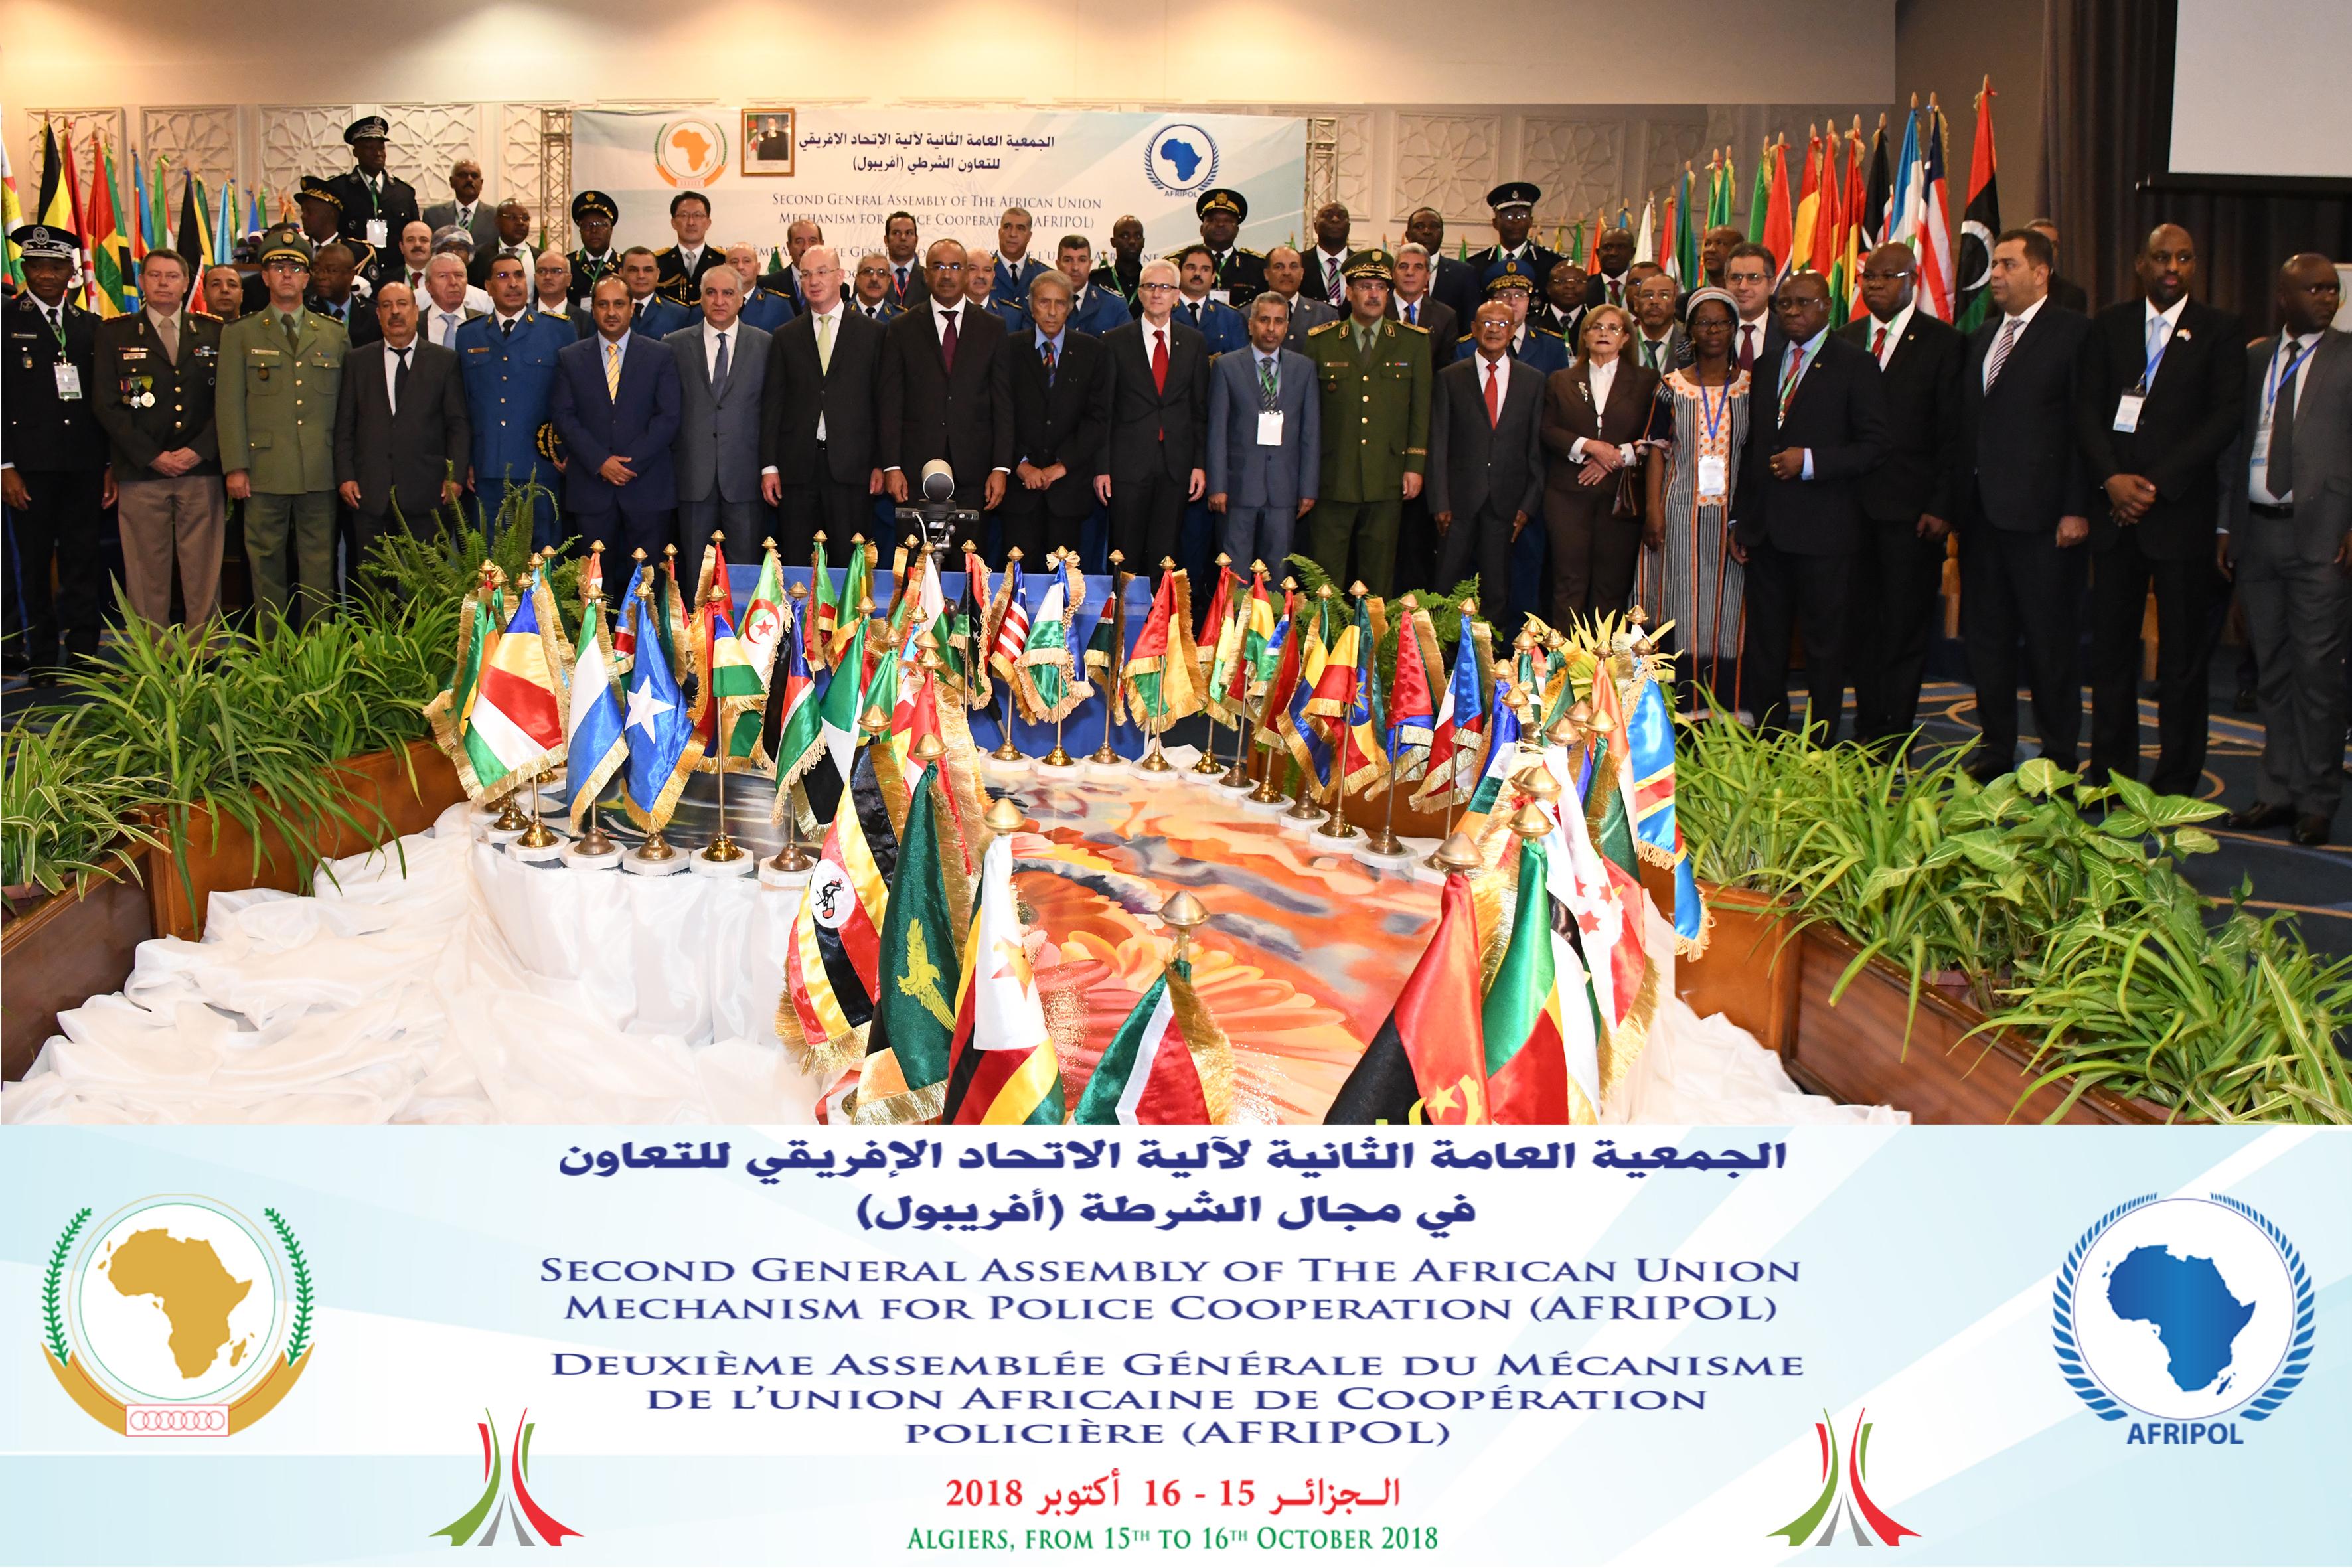 Discours de cloture de s.e l'ambassadeur Smaïl Chergui, Commissaire à la paix et à la sécurité - Seconde assemblée générale du mécanisme de l'Union Africaine pour la coopération policière (AFRIPOL)